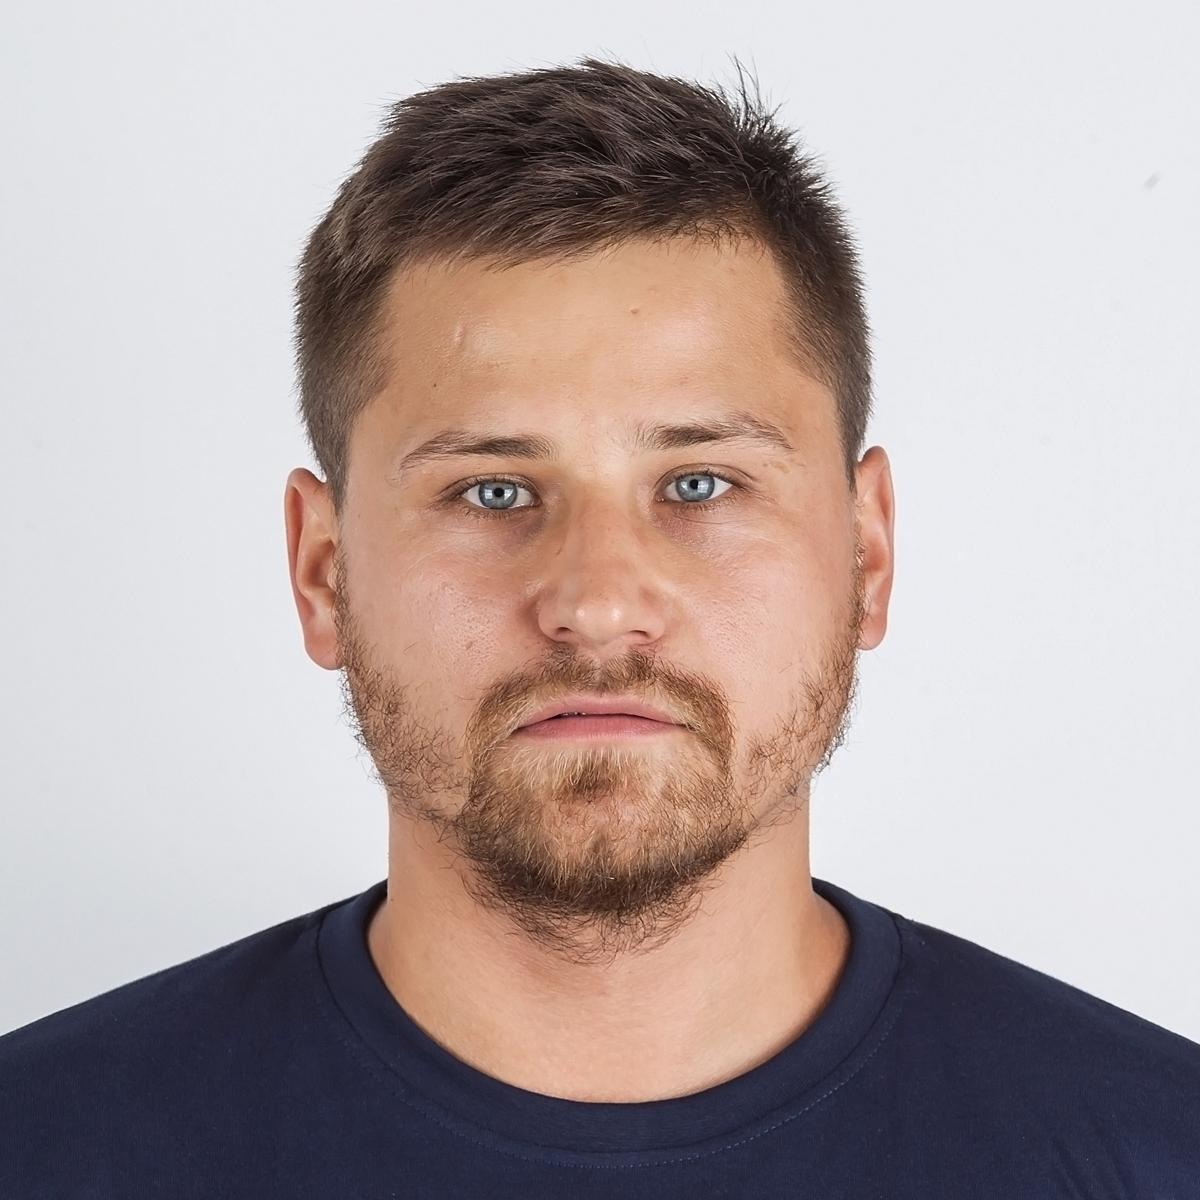 WojciechKrawczak